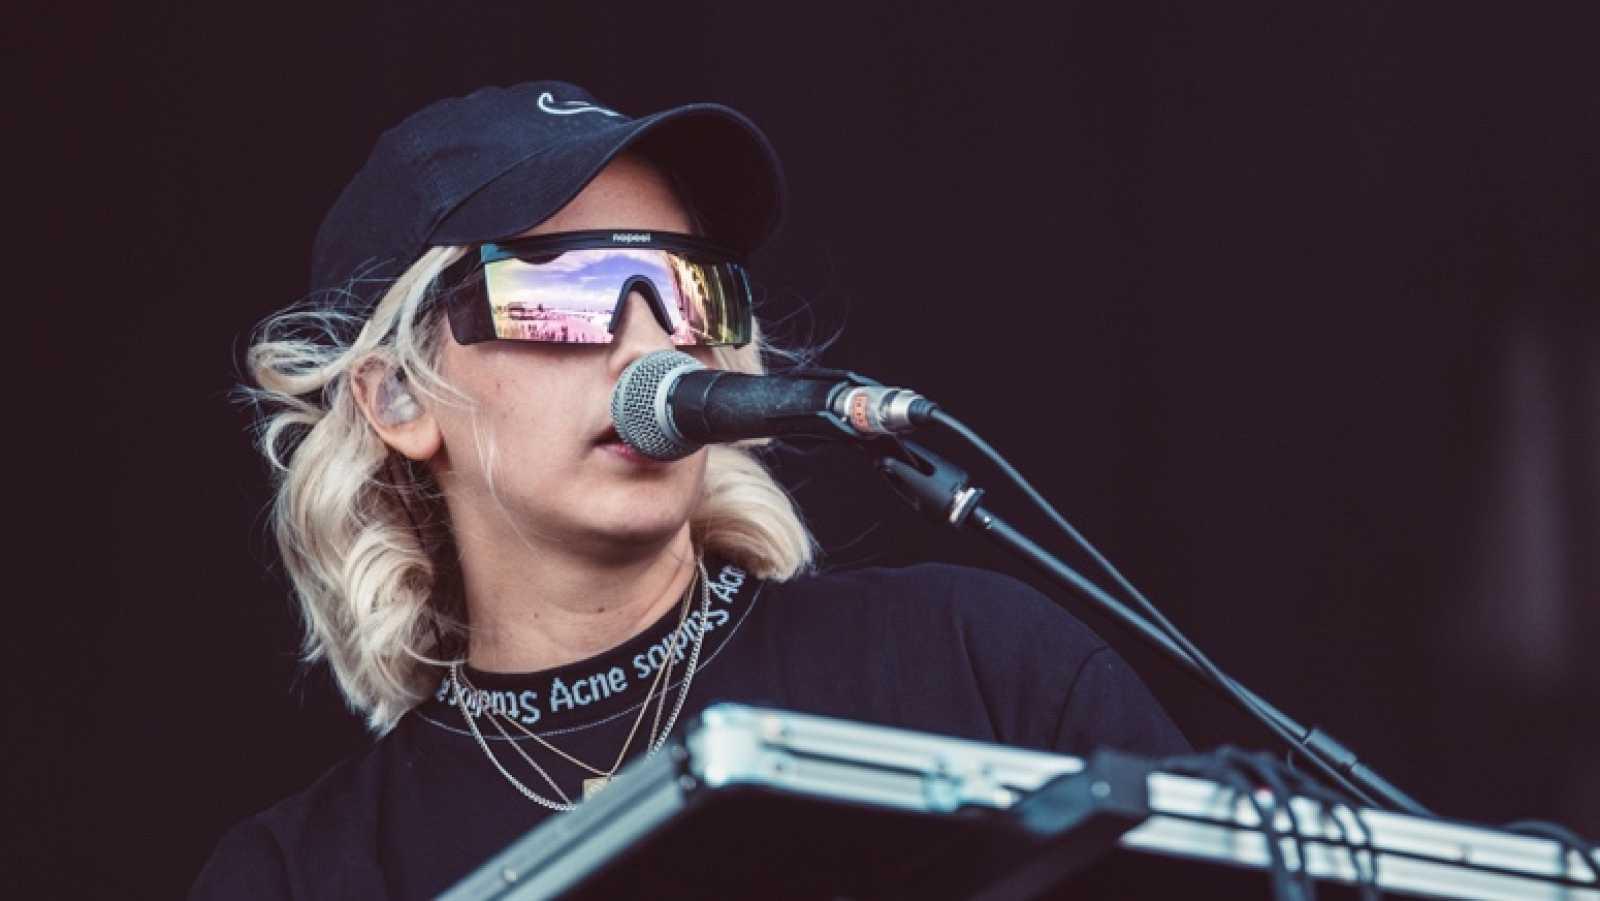 Festivales - Sonorama 2019: Soledad Vélez - 10/08/19 - Escuchar ahora